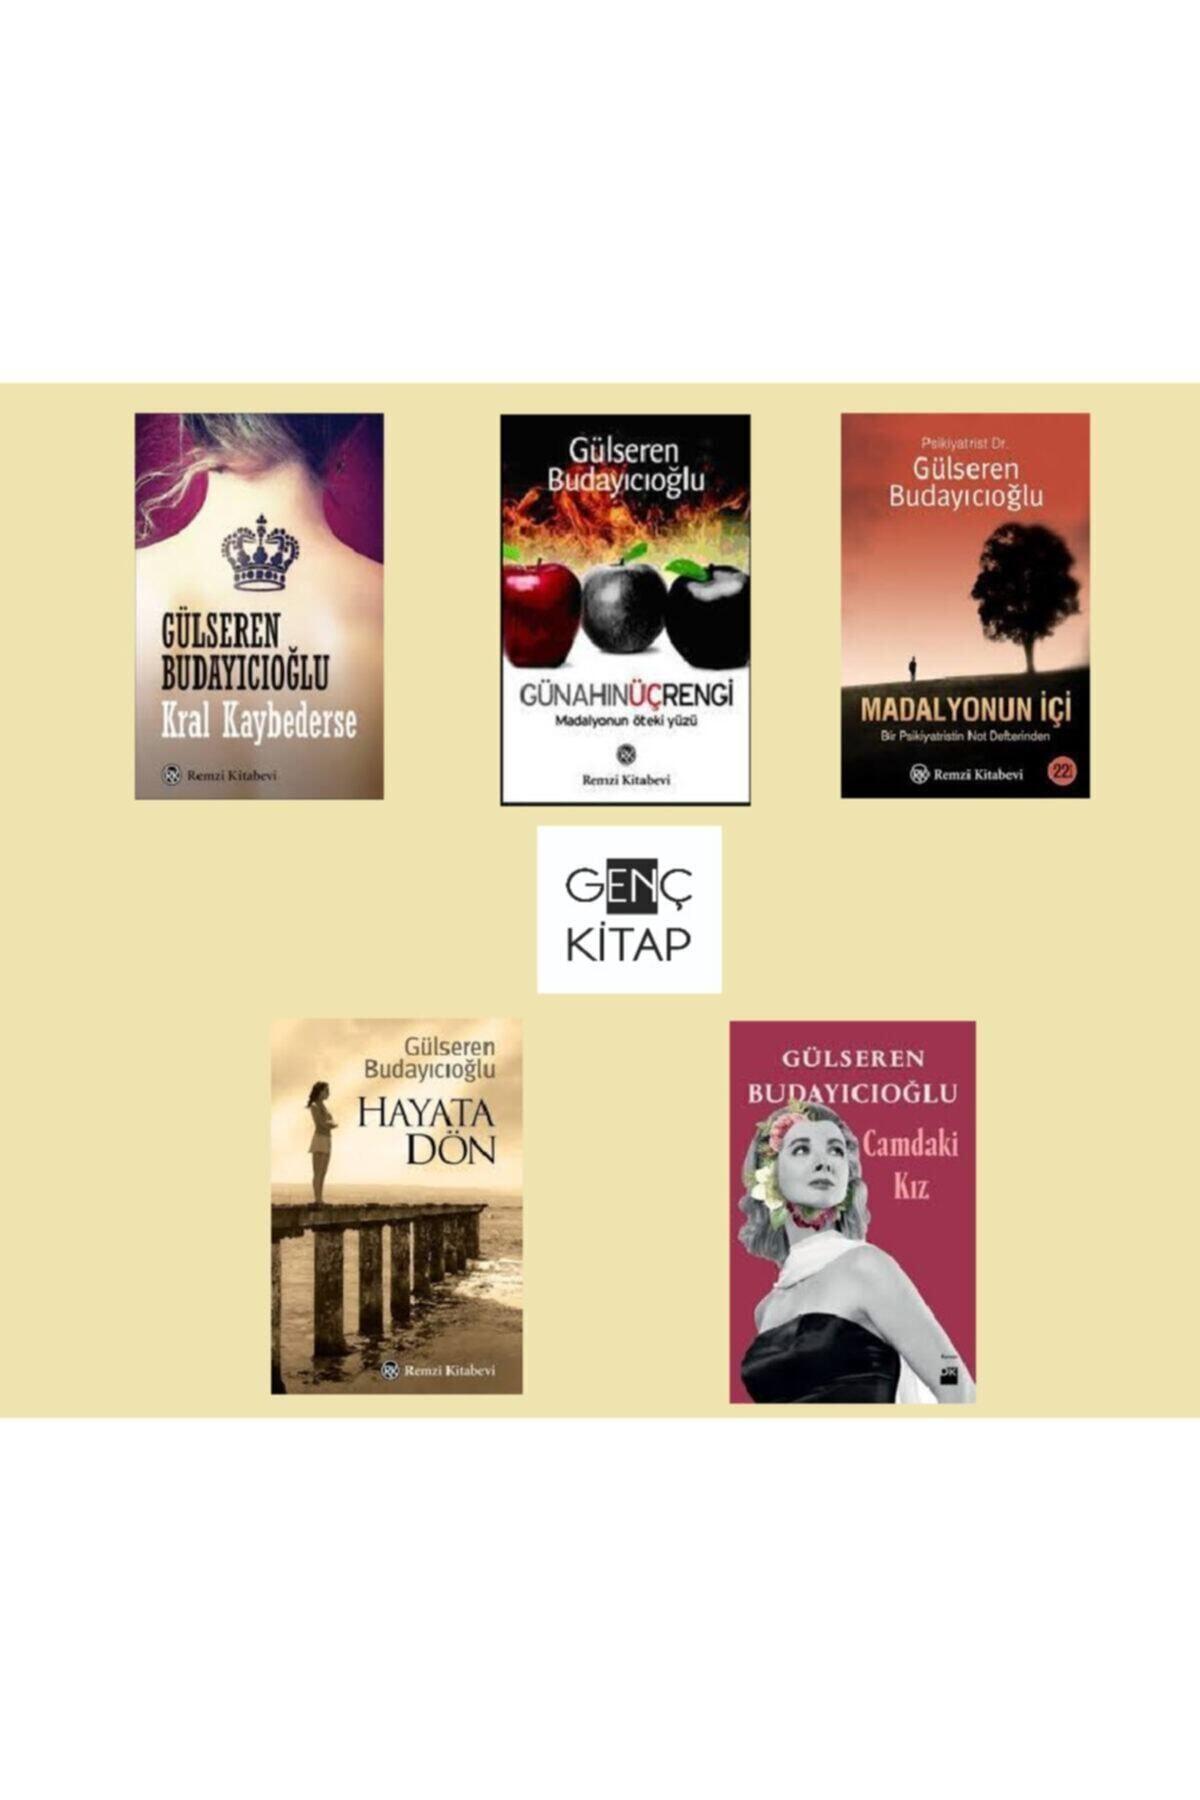 Doğan Kitap Gülseren Budayıcıoğlu 5 Kitap Set Camdaki Kız-kral Kaybederse-madalyonun Içi-hayata Dön 1